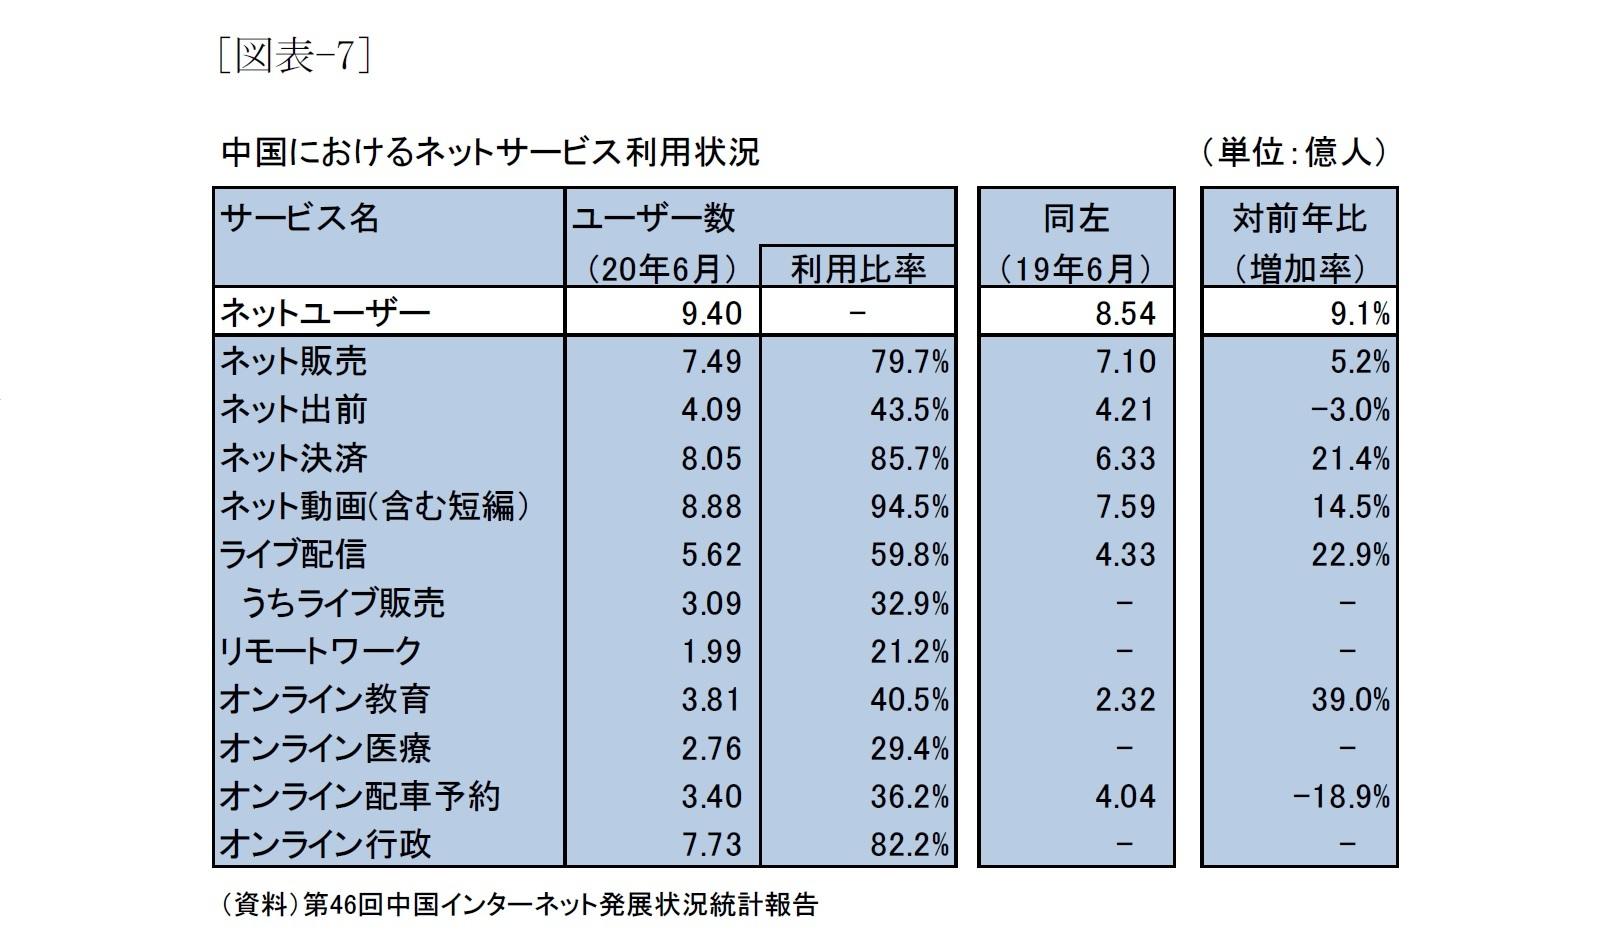 [図表-7]中国におけるネットサービス利用状況